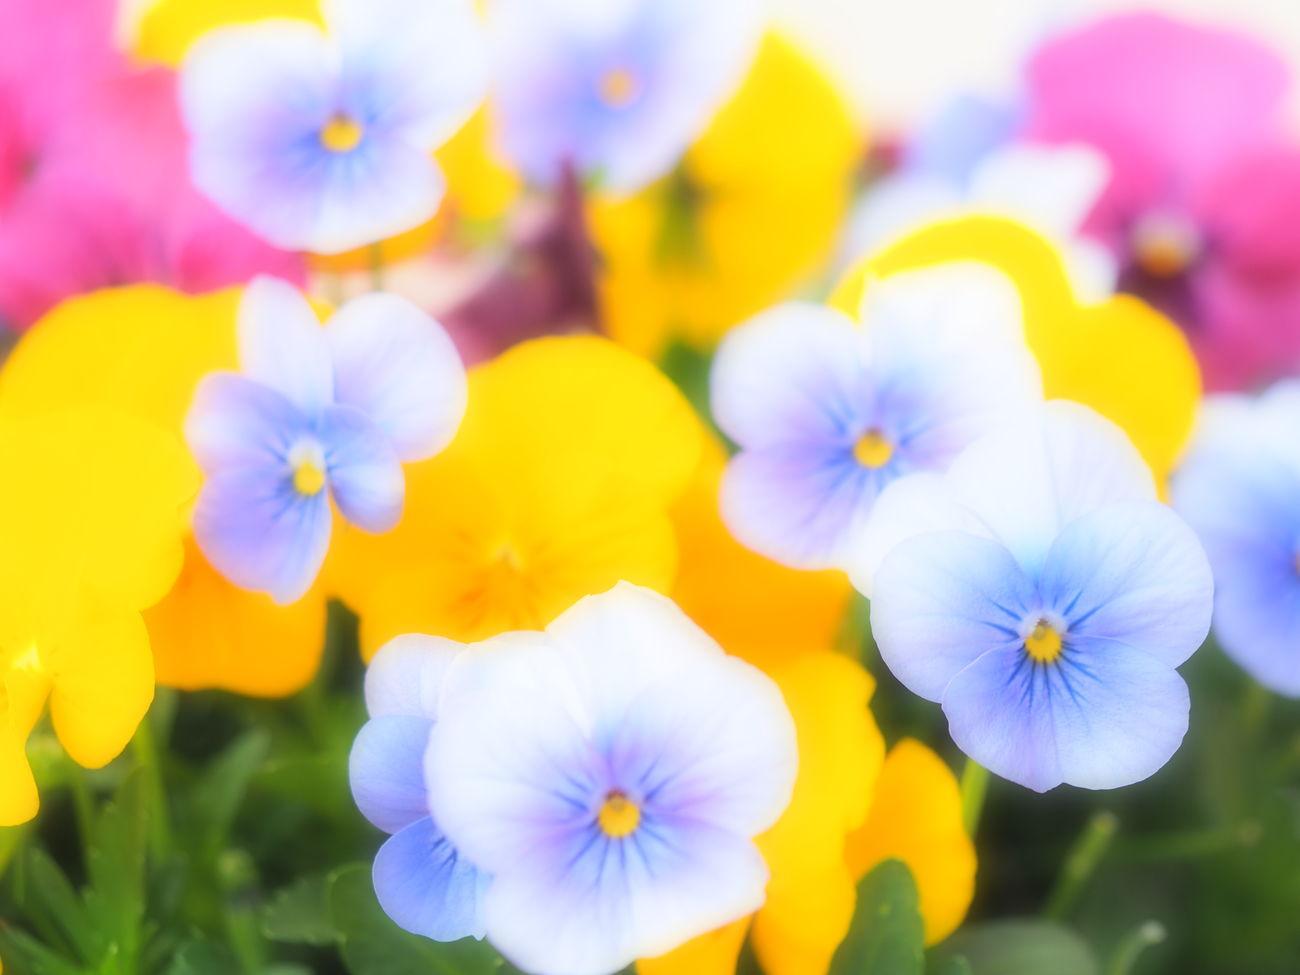 EyeEm EyeEm Best Edits EyeEm Best Shots EyeEm Gallery EyeEm Nature Lover EyeEmBestPics EyeEmFlower Flower Flower Collection Flower Head Flower Photography Flowerporn Flowers